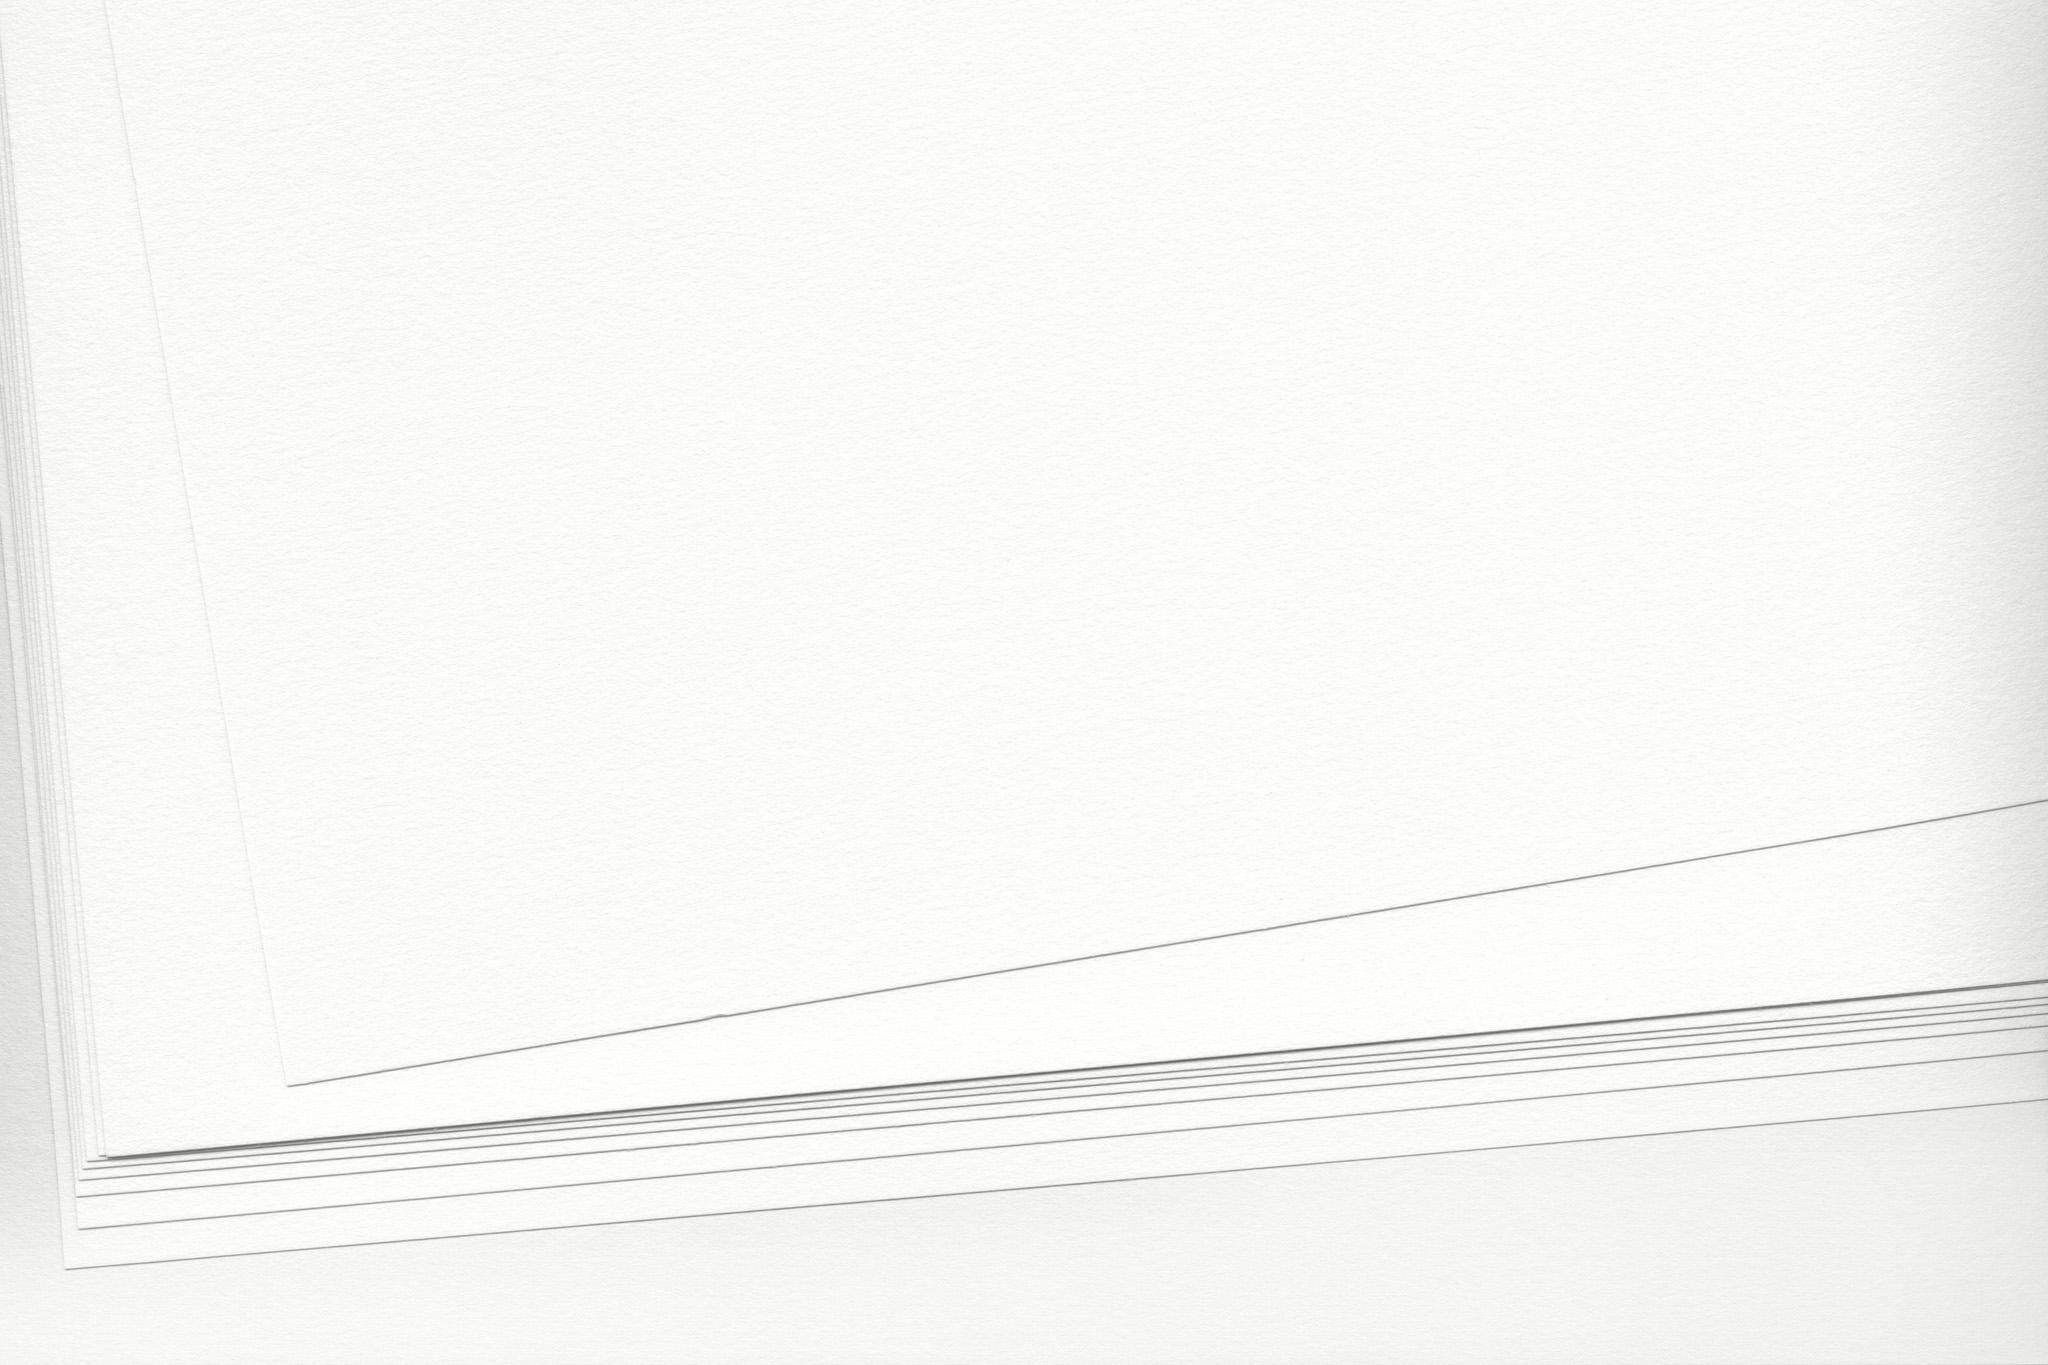 「白い水彩紙のテクスチャ素材」